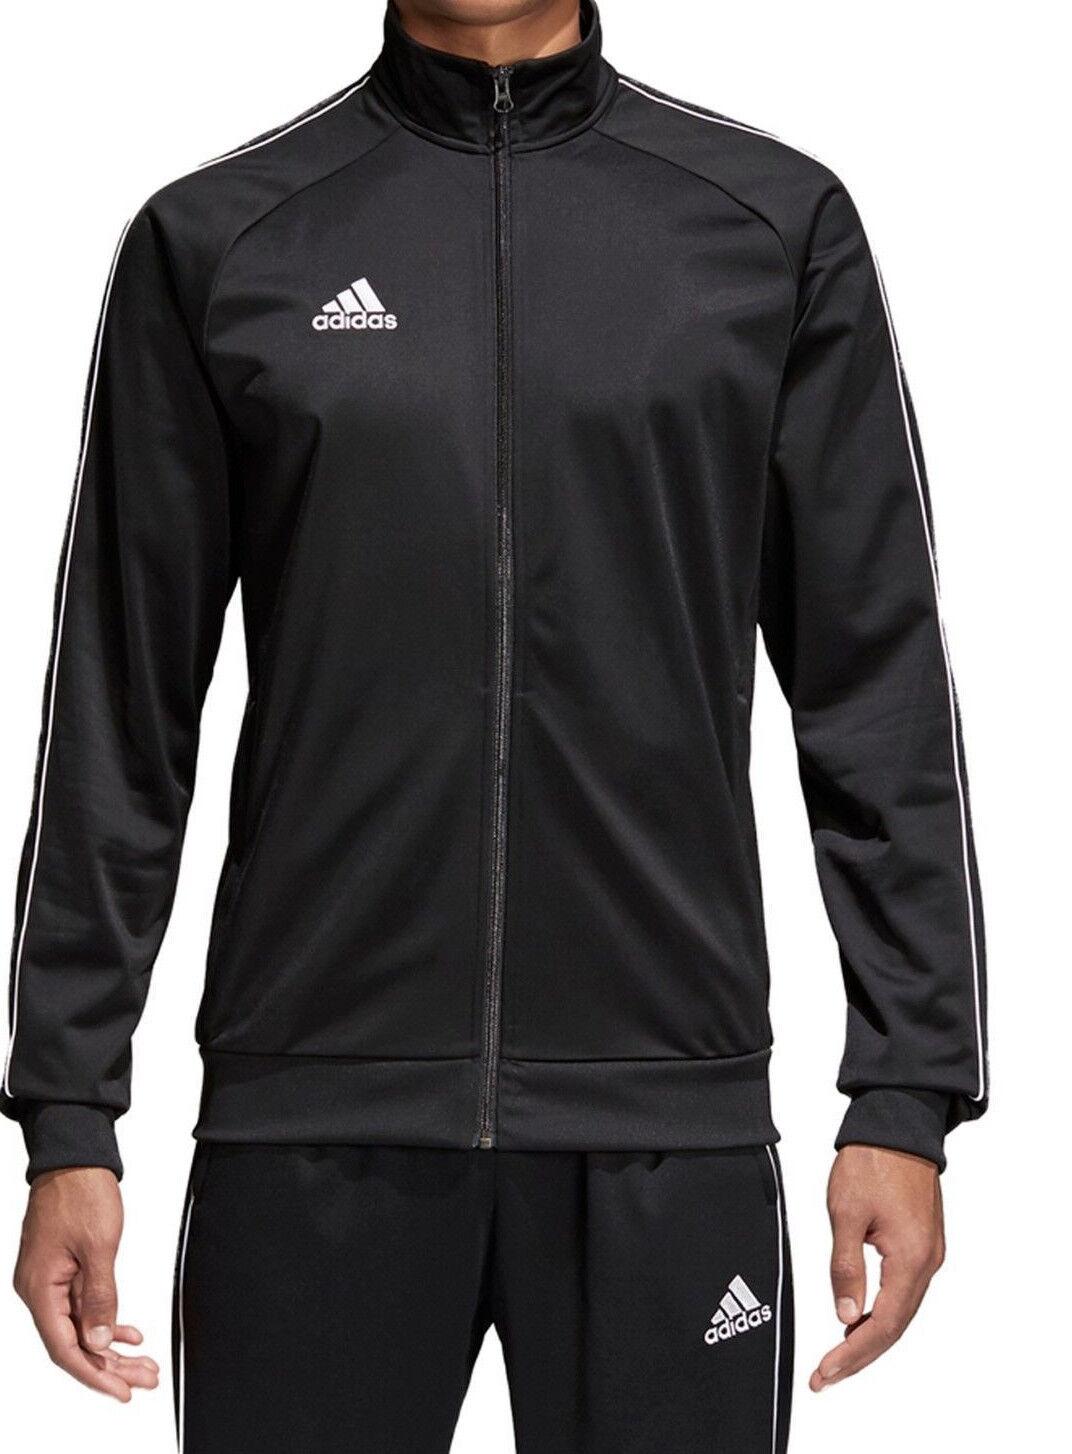 Adidas Core 18 Herren Trainingsanzug Fußball Sportanzug.Jogginganzug  | Deutschland